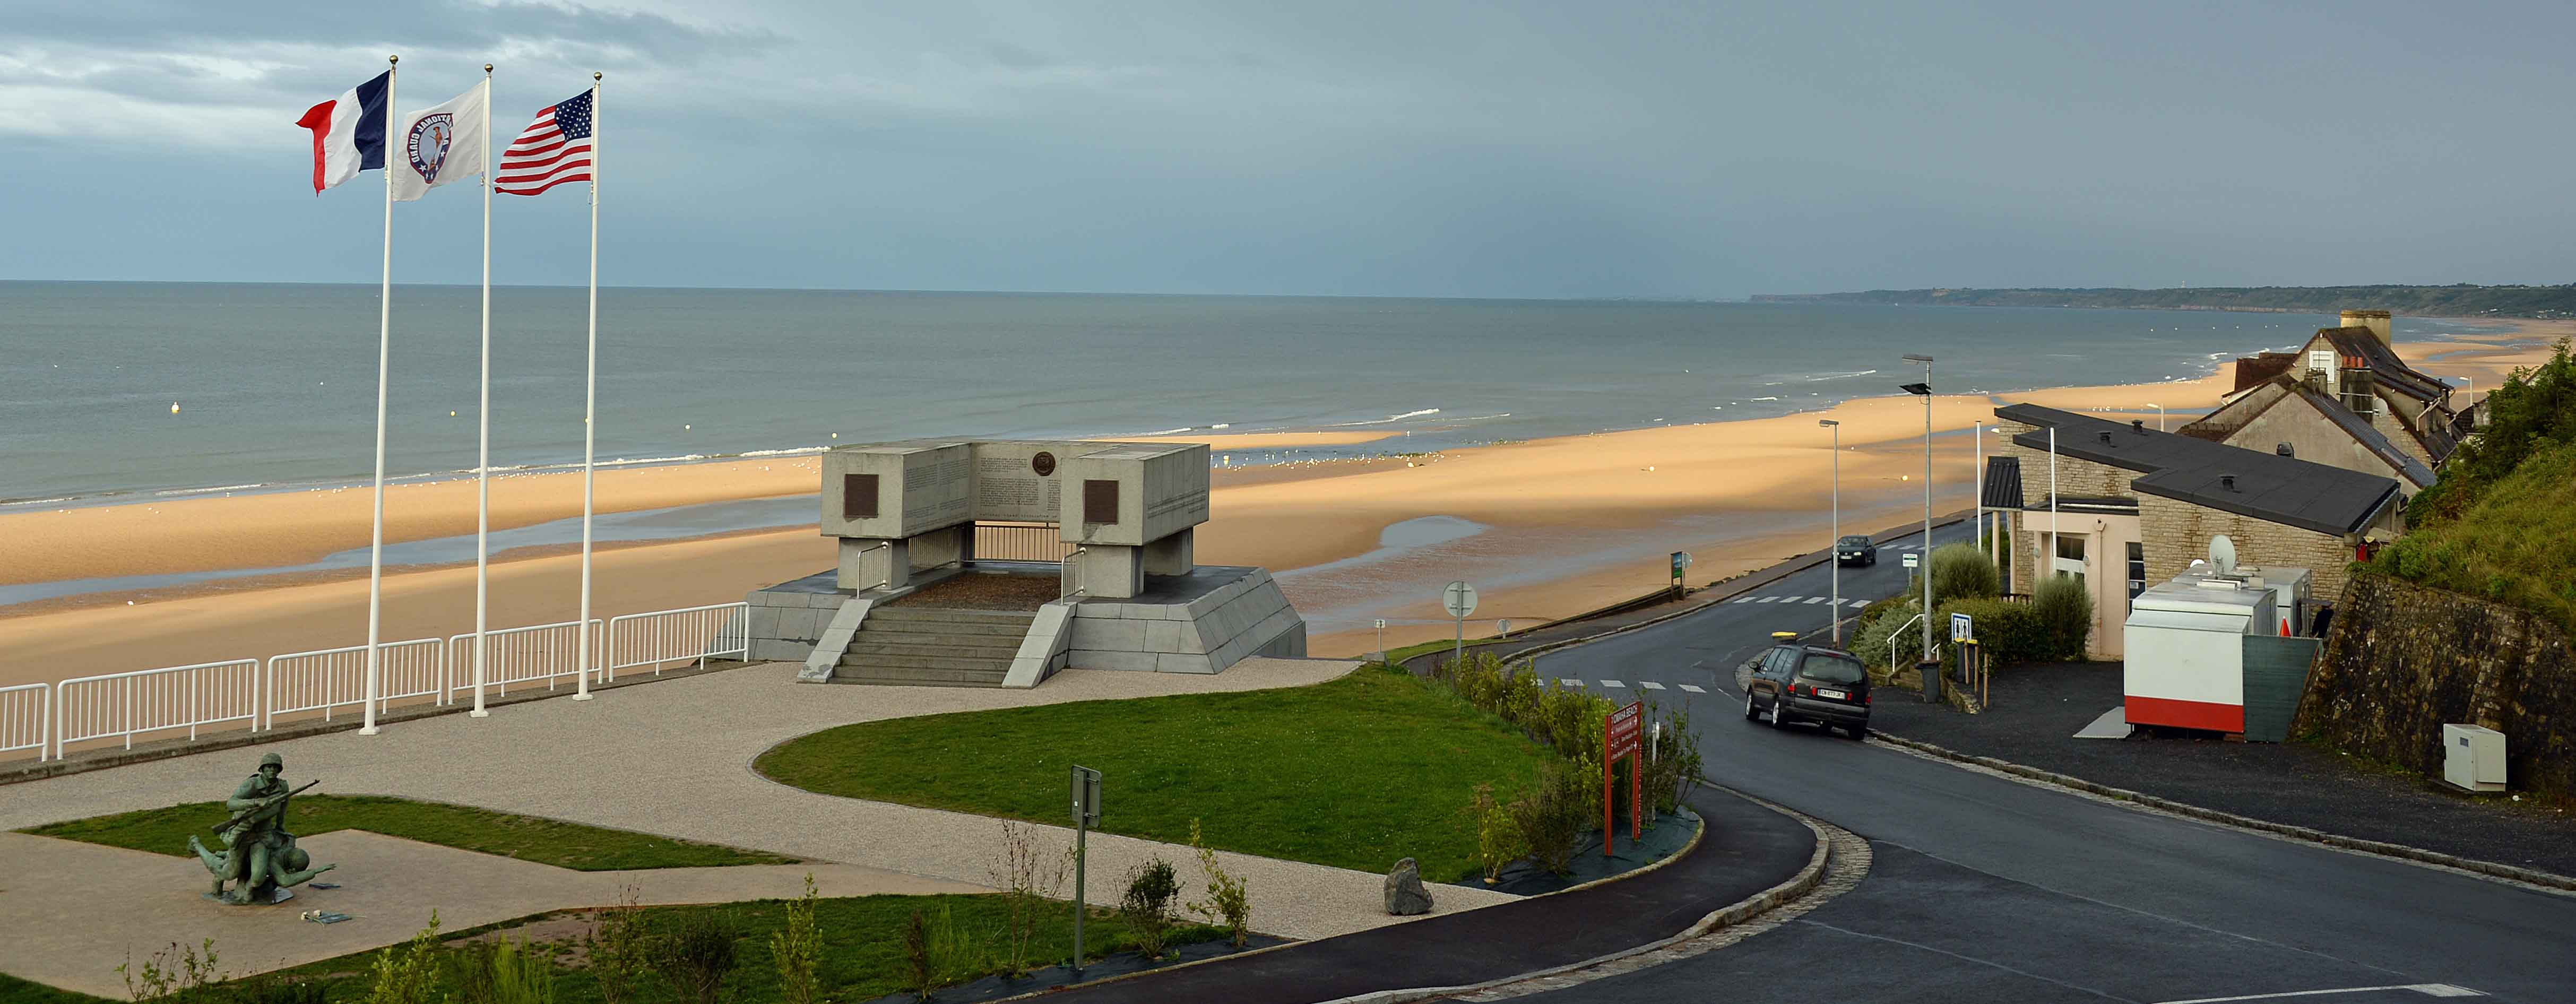 omaha beach Hotel restaurant 3 étoiles et 3 cheminées sur la plage d'omaha beach face à la mer, un lieu historique incontournable.